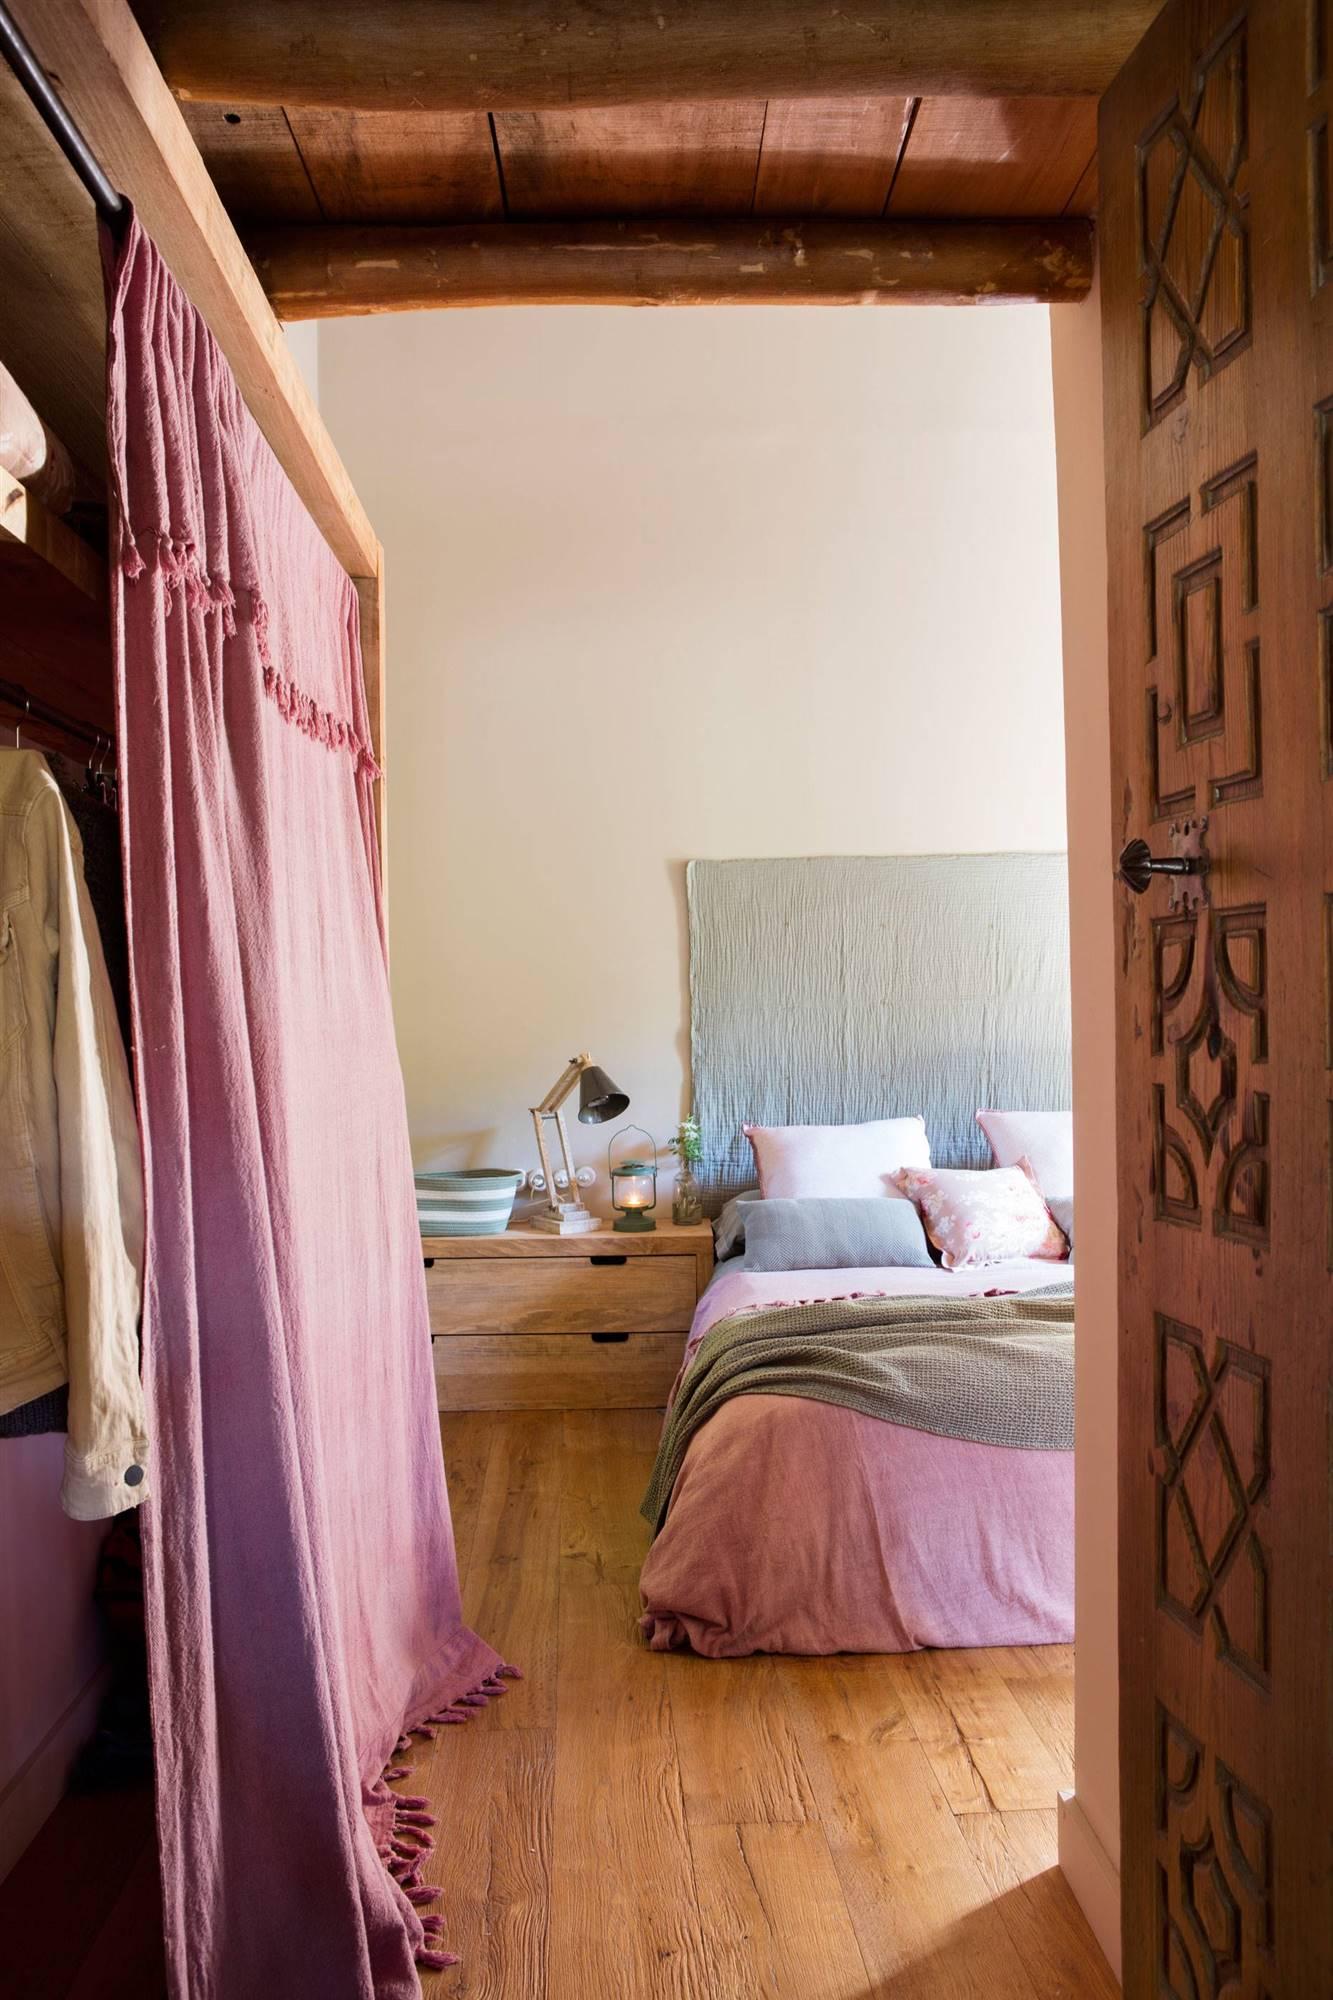 dormitorio con armario con cortinas rosas y suelo de madera natural_00443289 O. El armario será decisivo